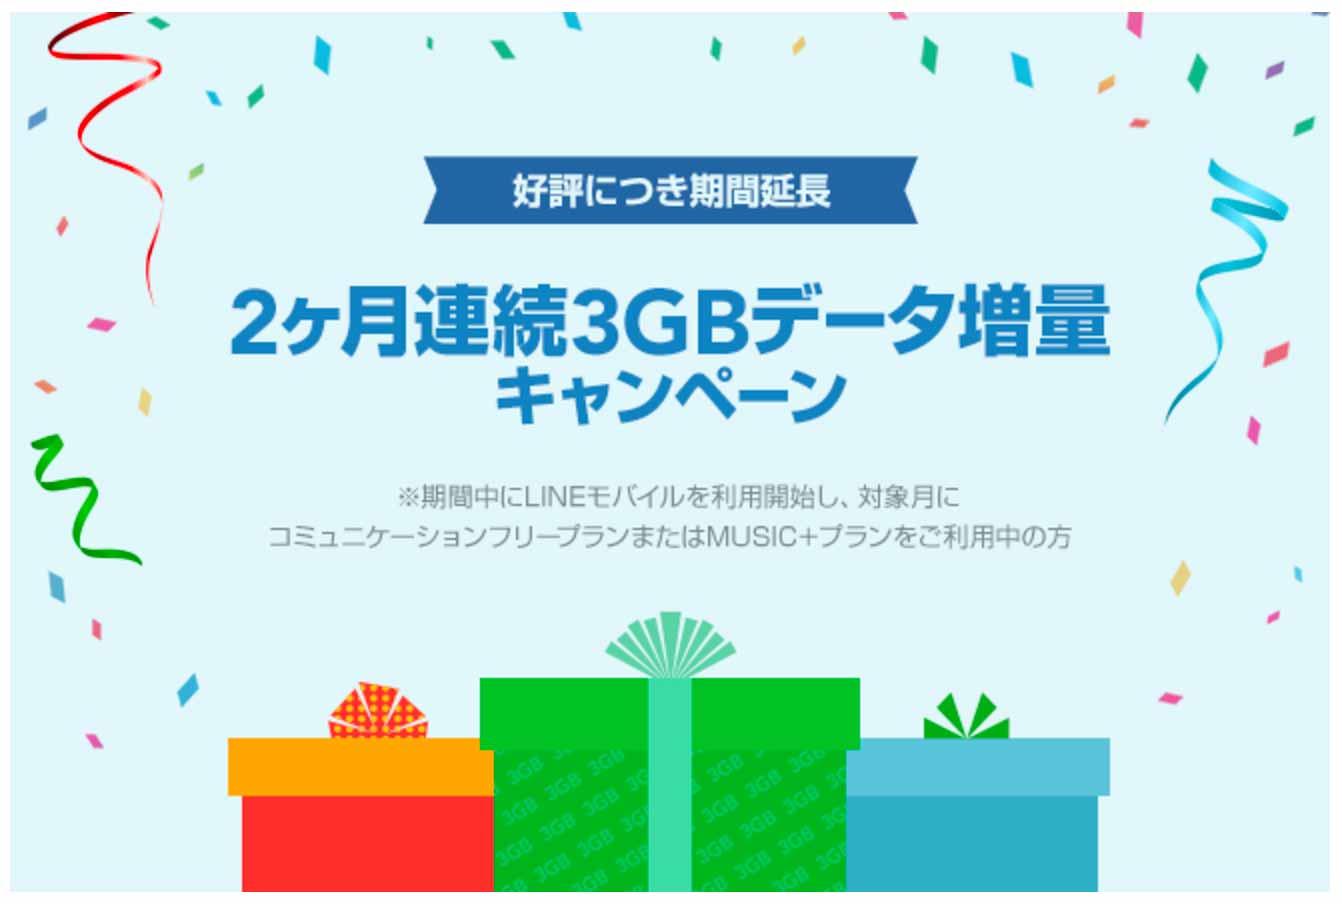 LINEモバイル、「2ヶ月連続3GBデータ増量キャンペーン」の期間を11月30日まで延長